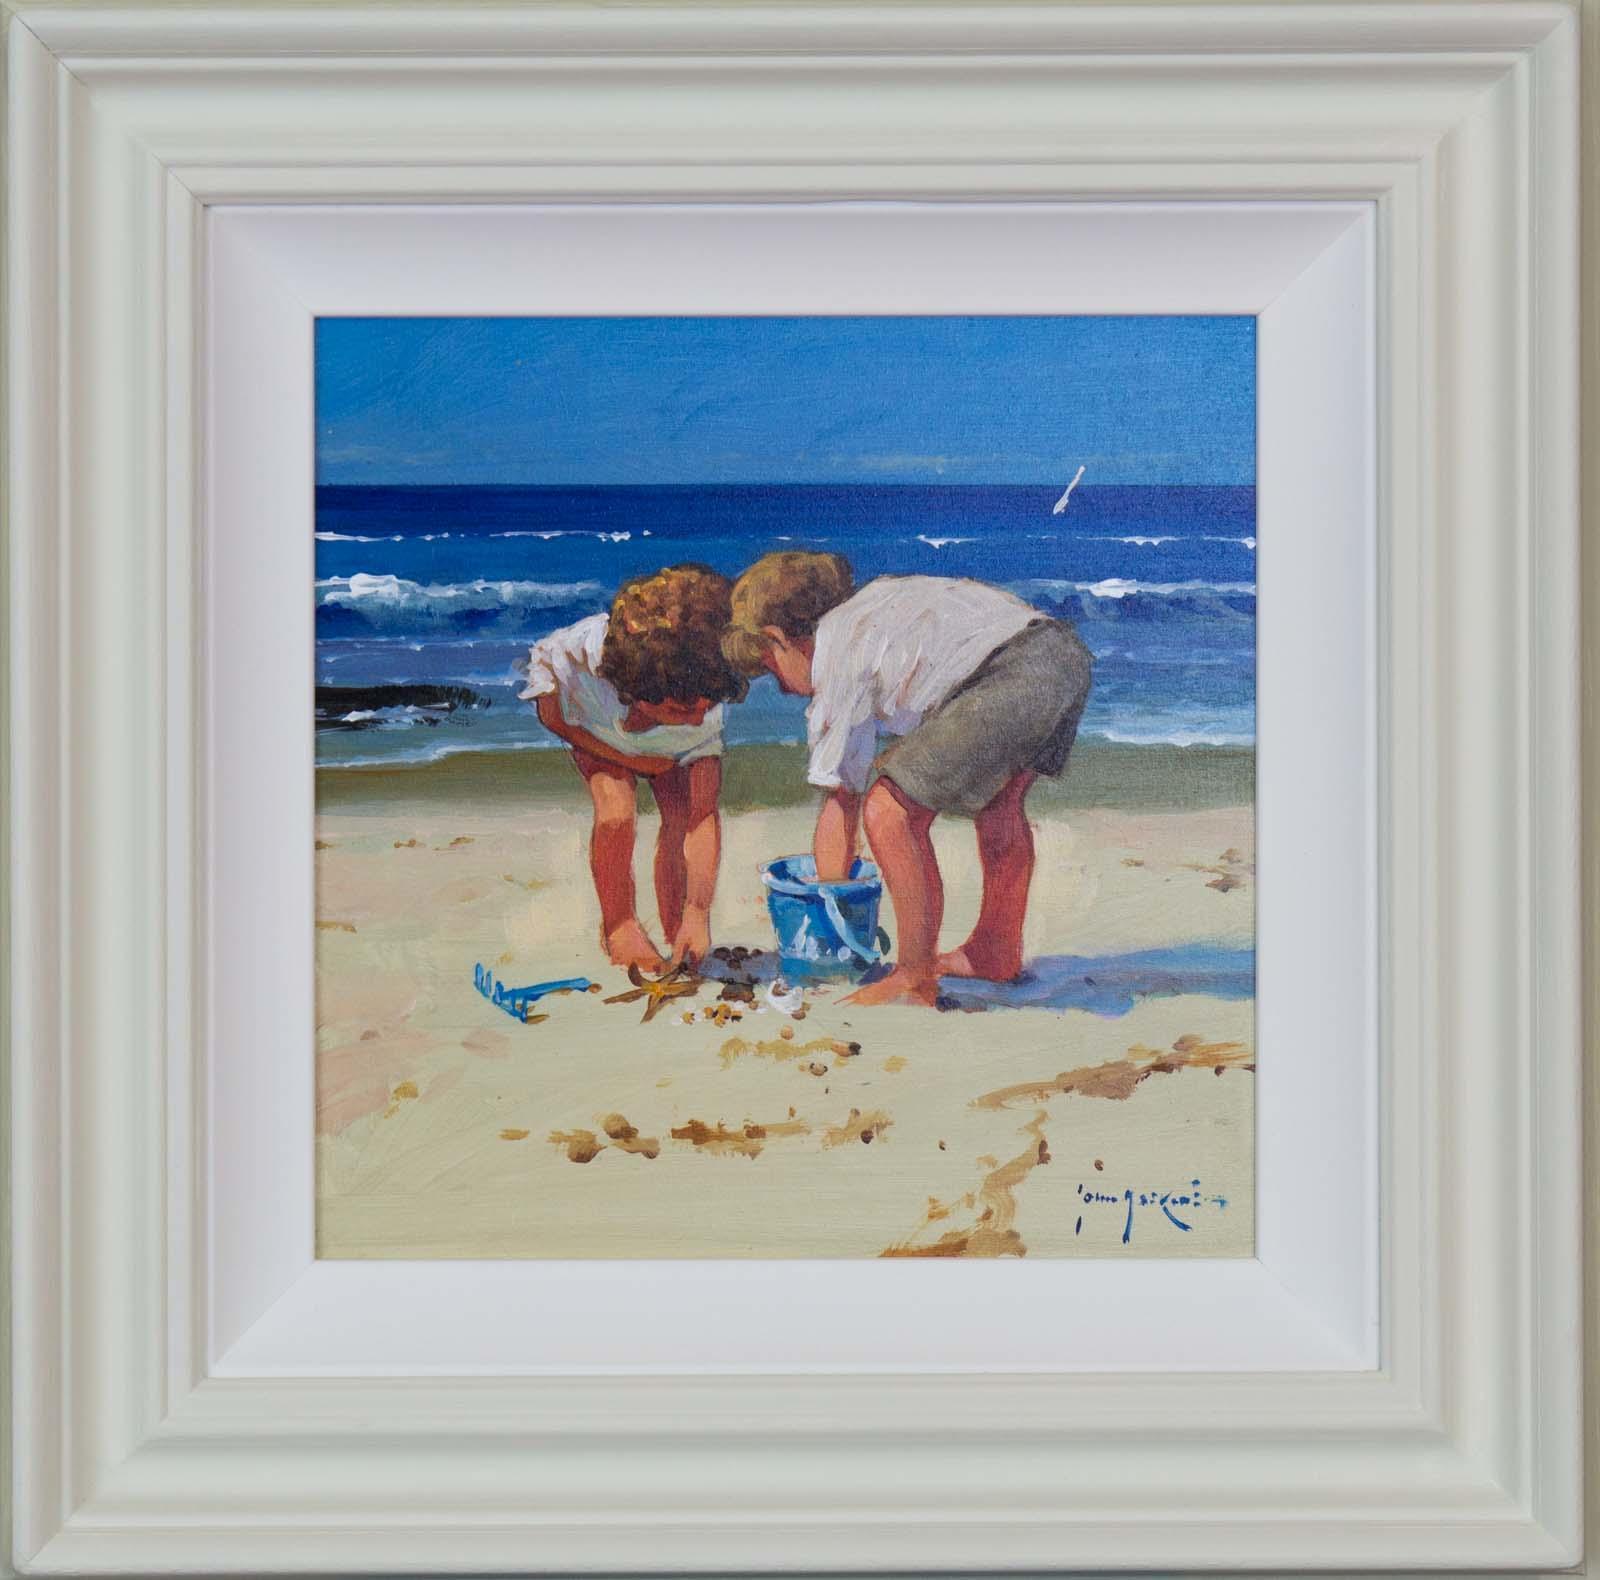 Sandcastles, John Haskins